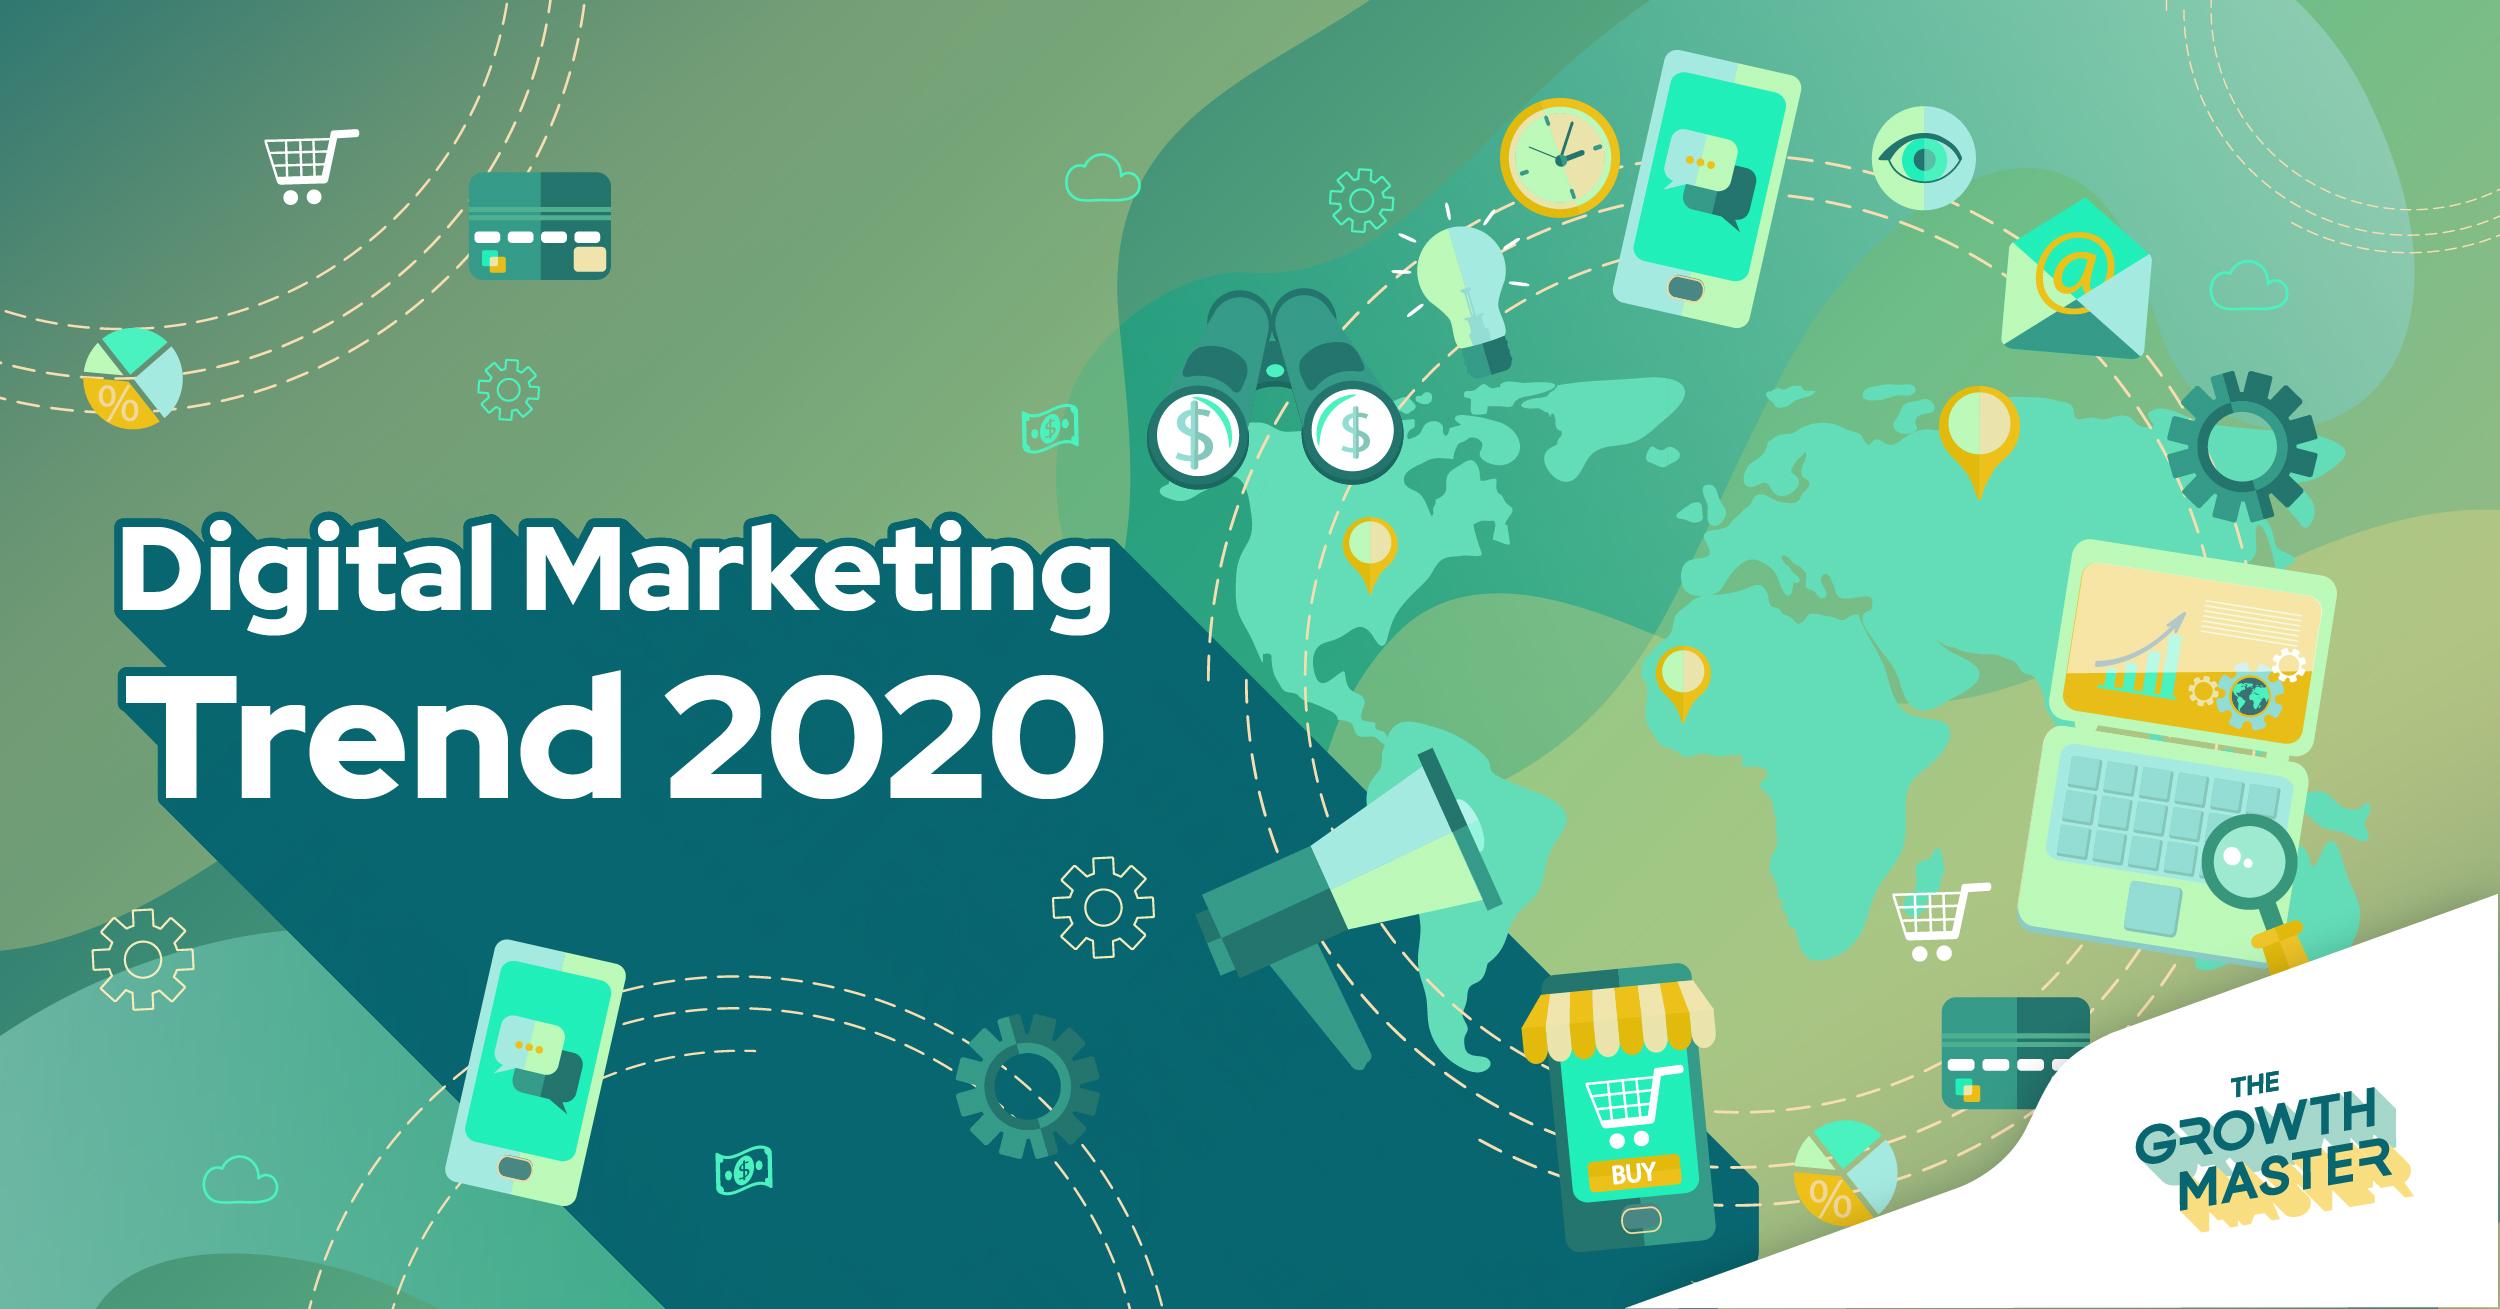 6 เทรนด์ Digital Marketing ที่น่าสนใจในปี 2020